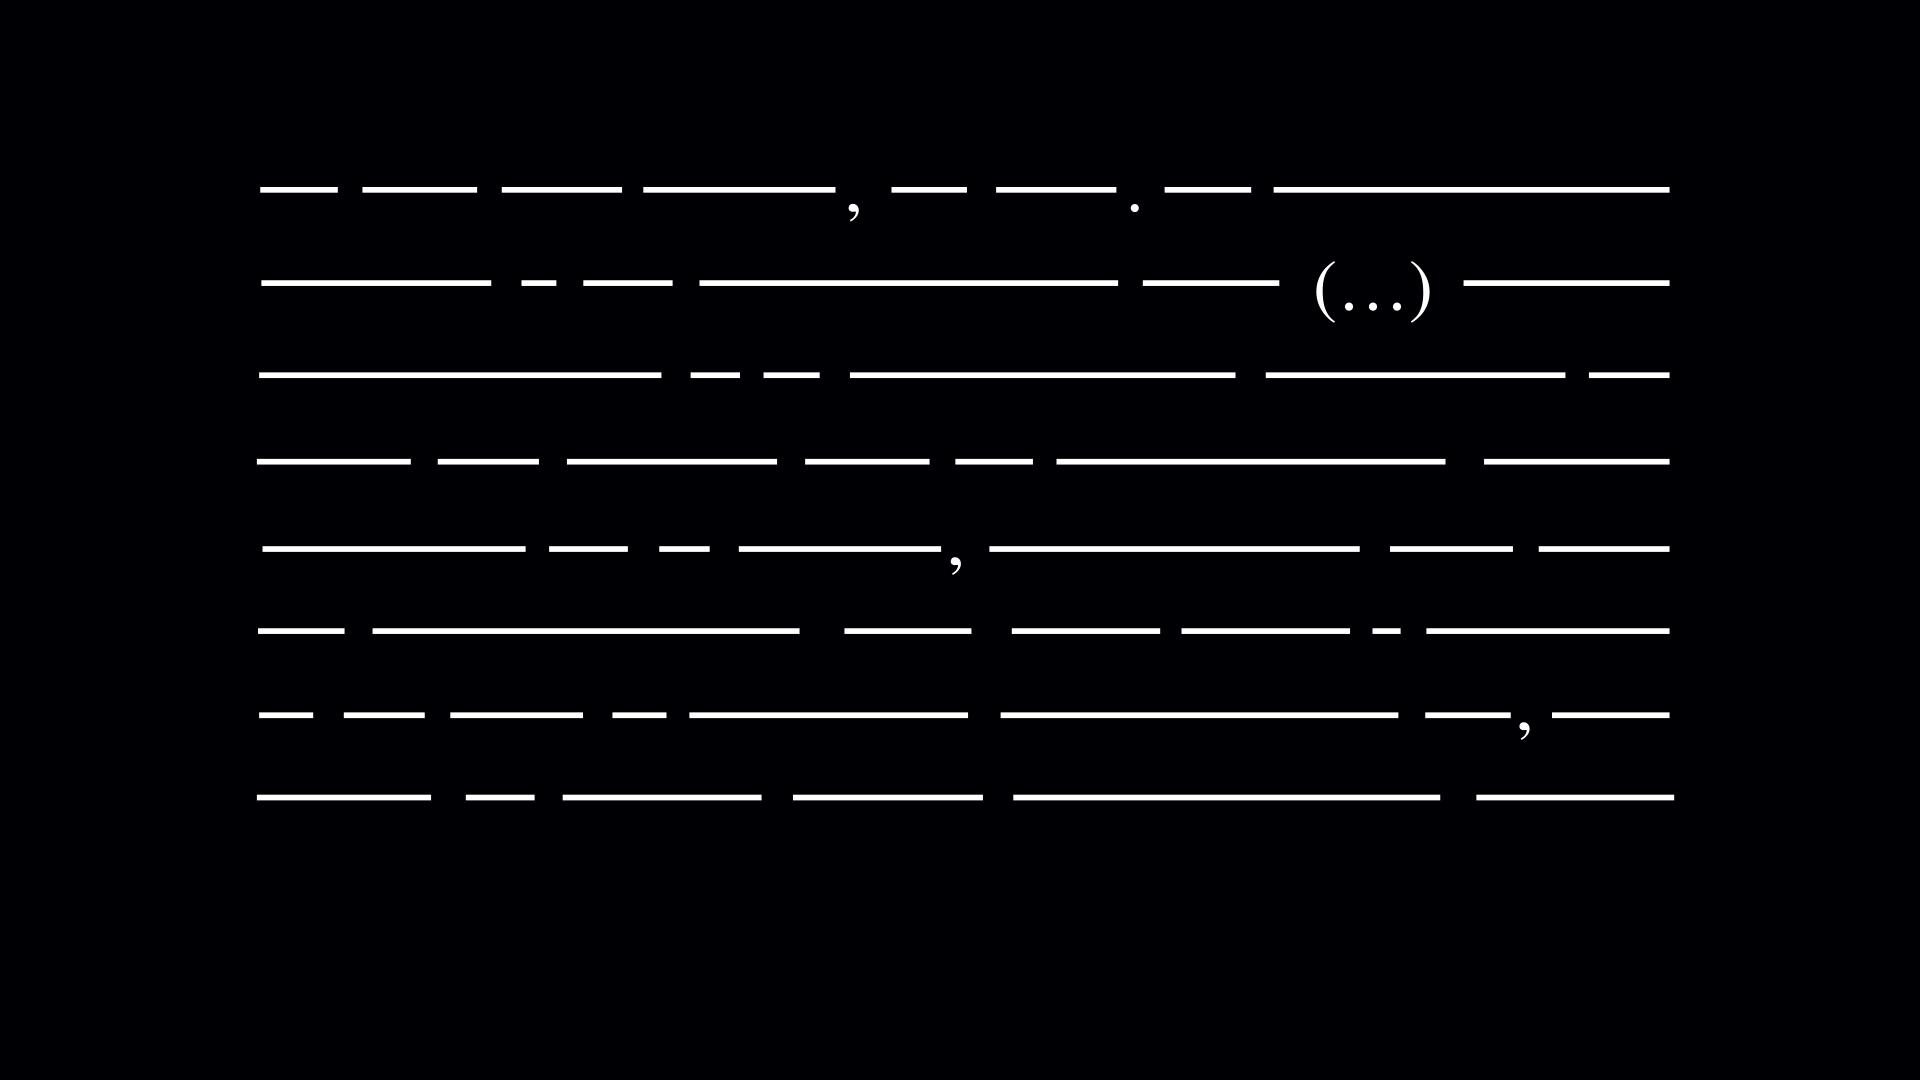 czako-zsolt-kertesz